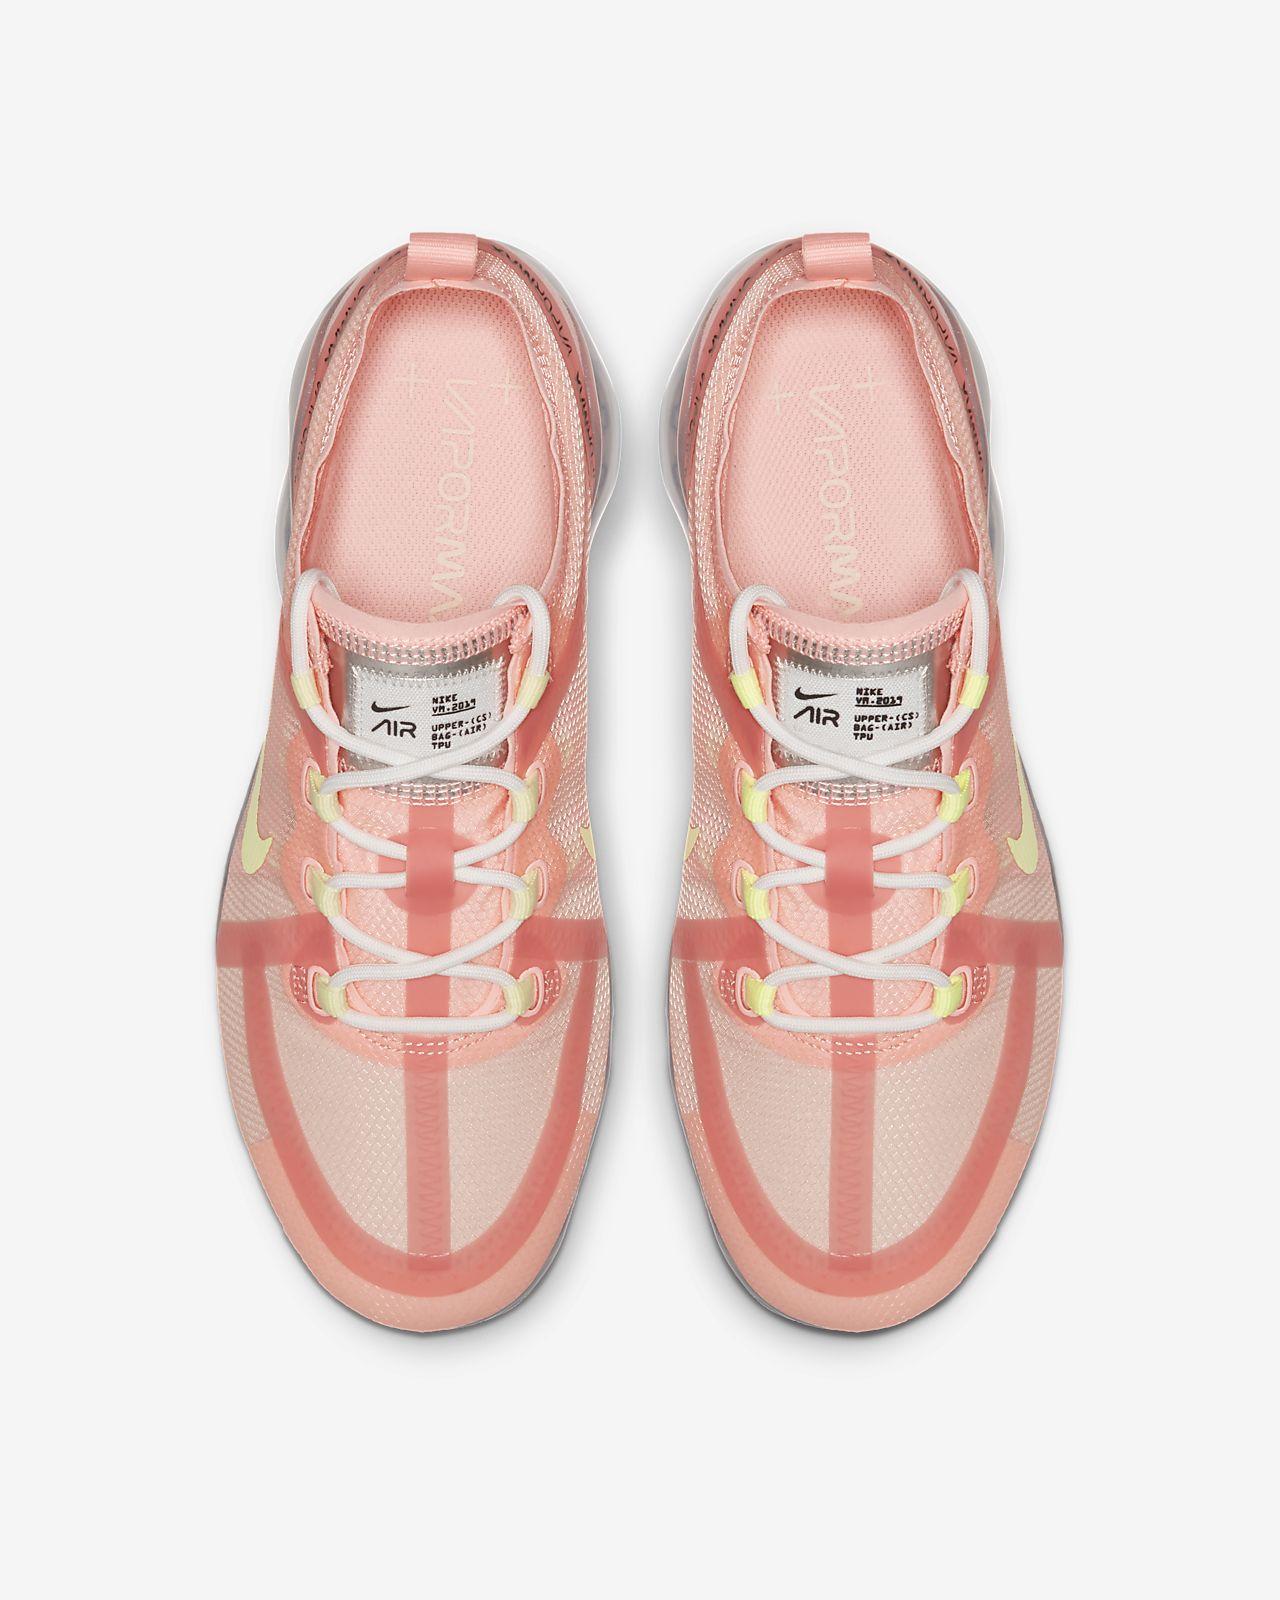 9a4f74c8695c Nike Air VaporMax 2019 Women s Shoe. Nike.com GB